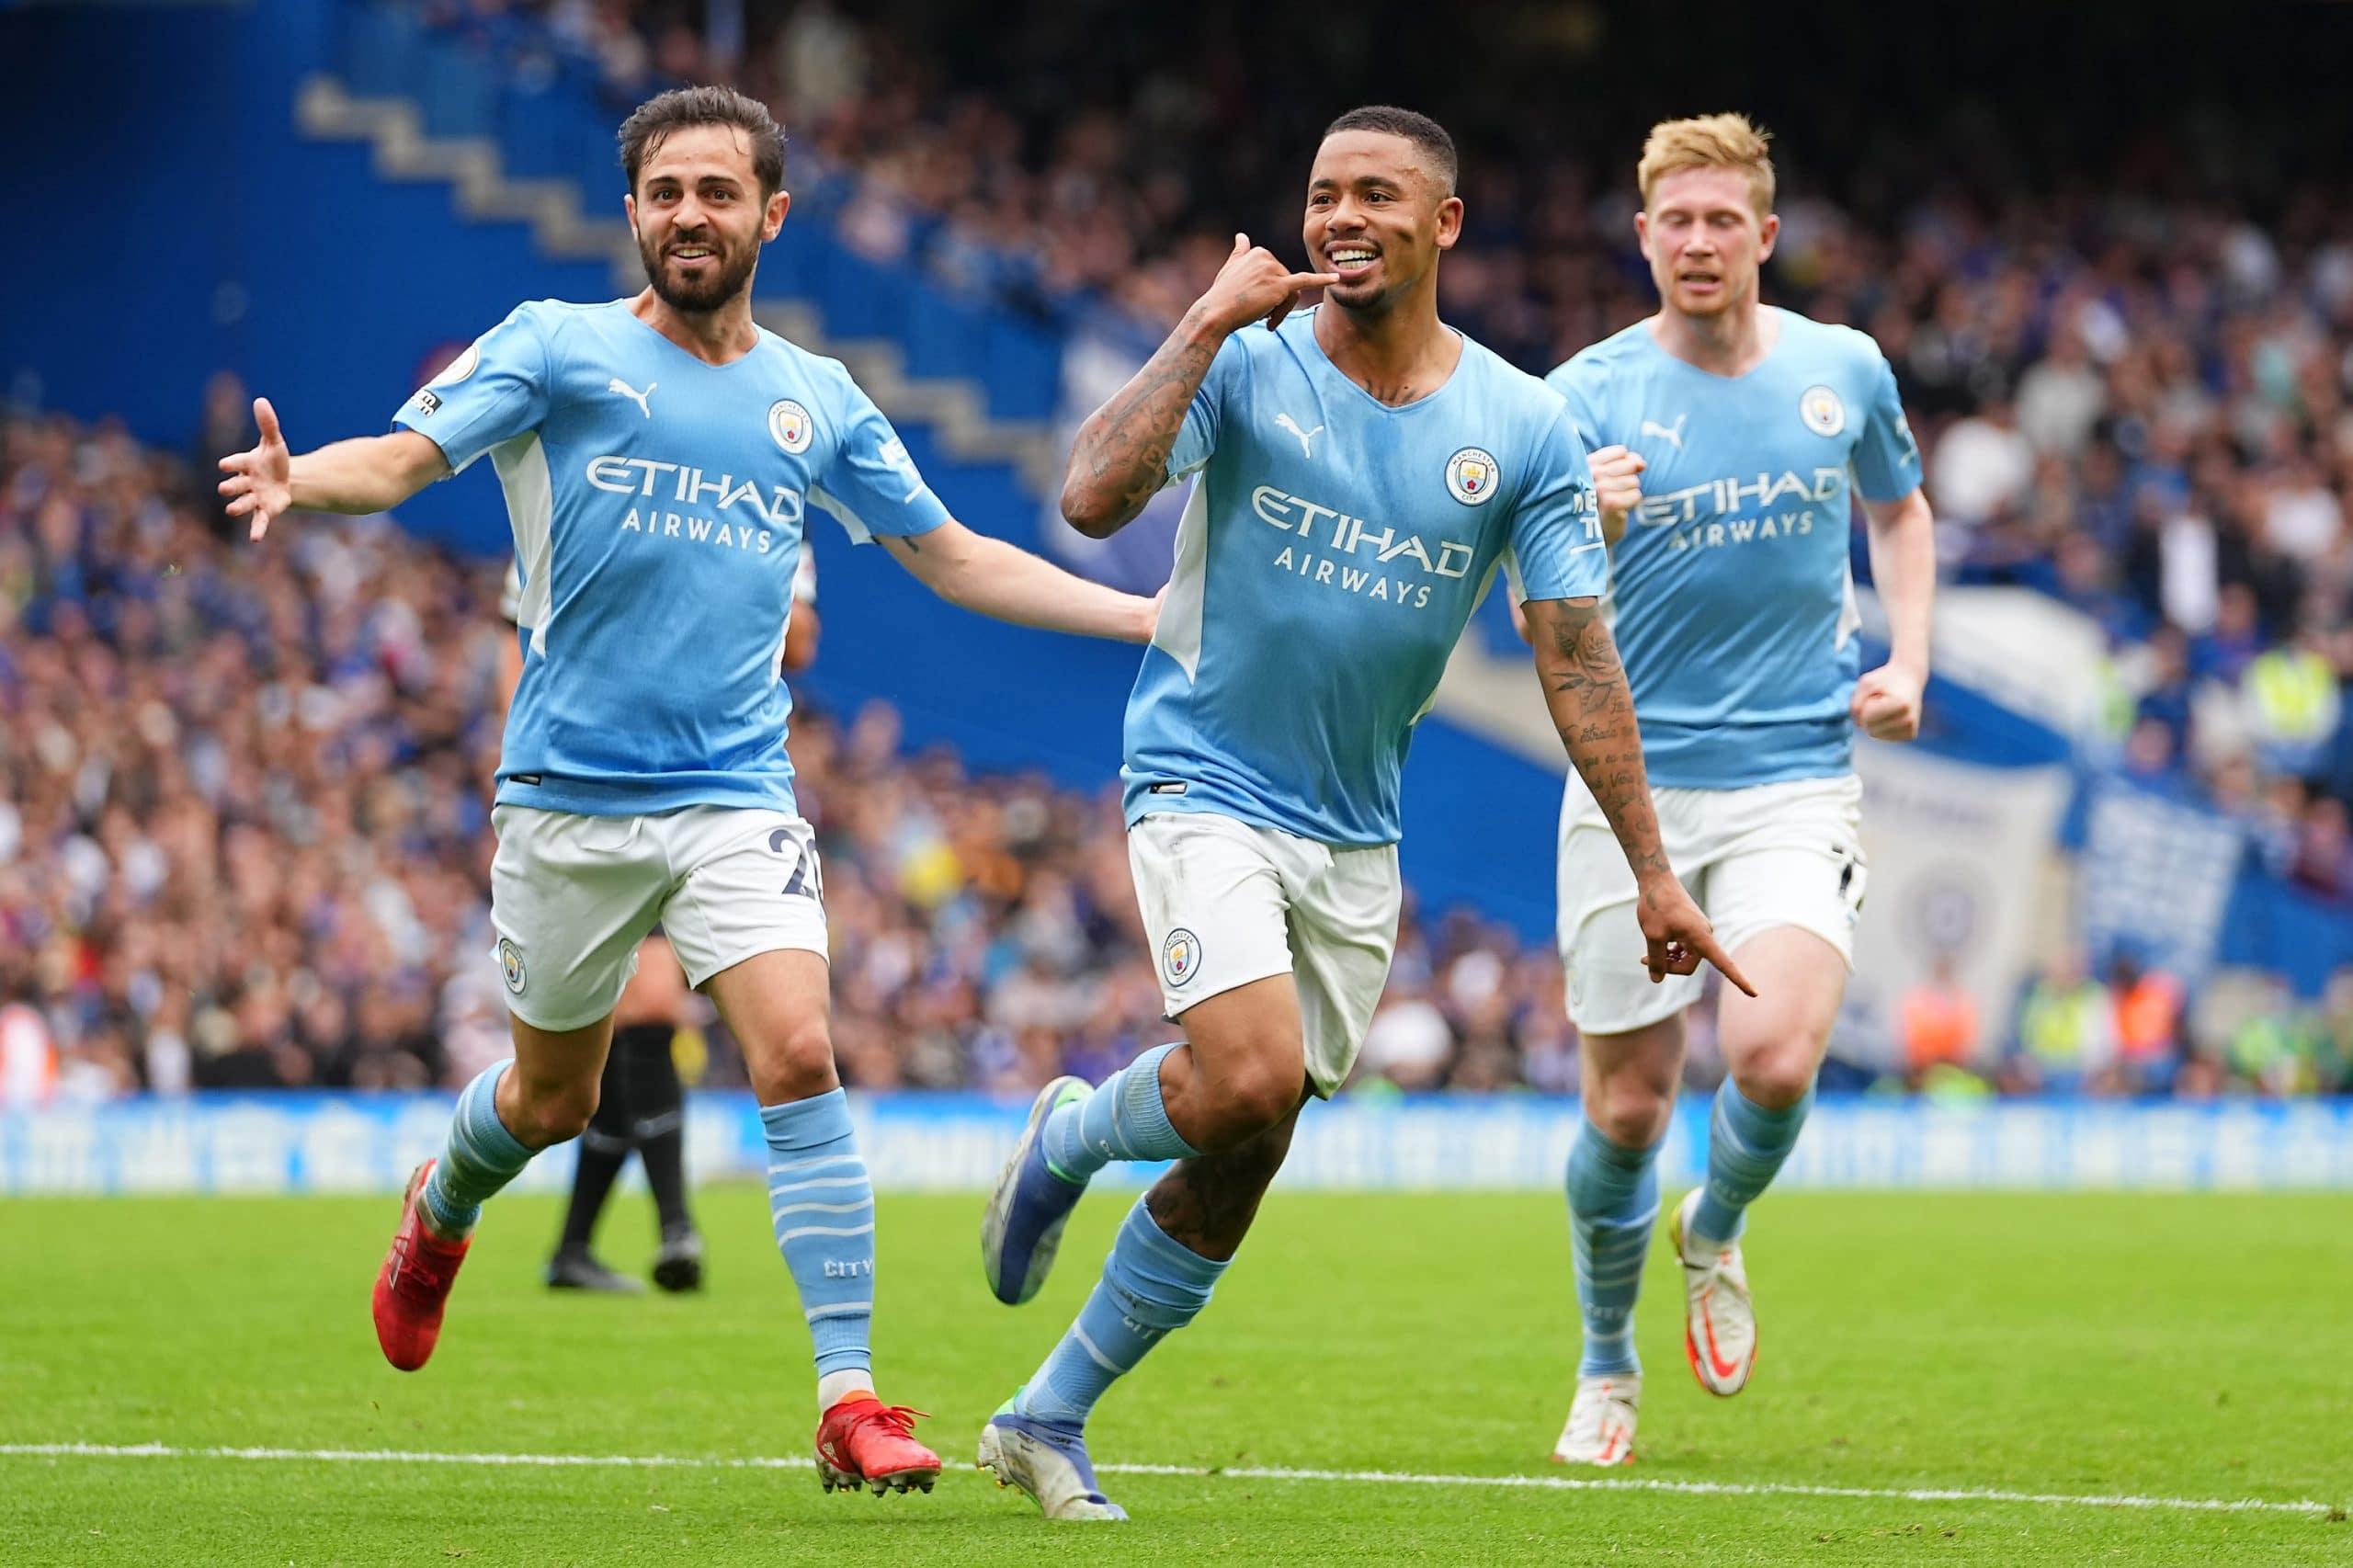 مباراة مانشستر سيتي وتشيلسي في الدوري الإنجليزي